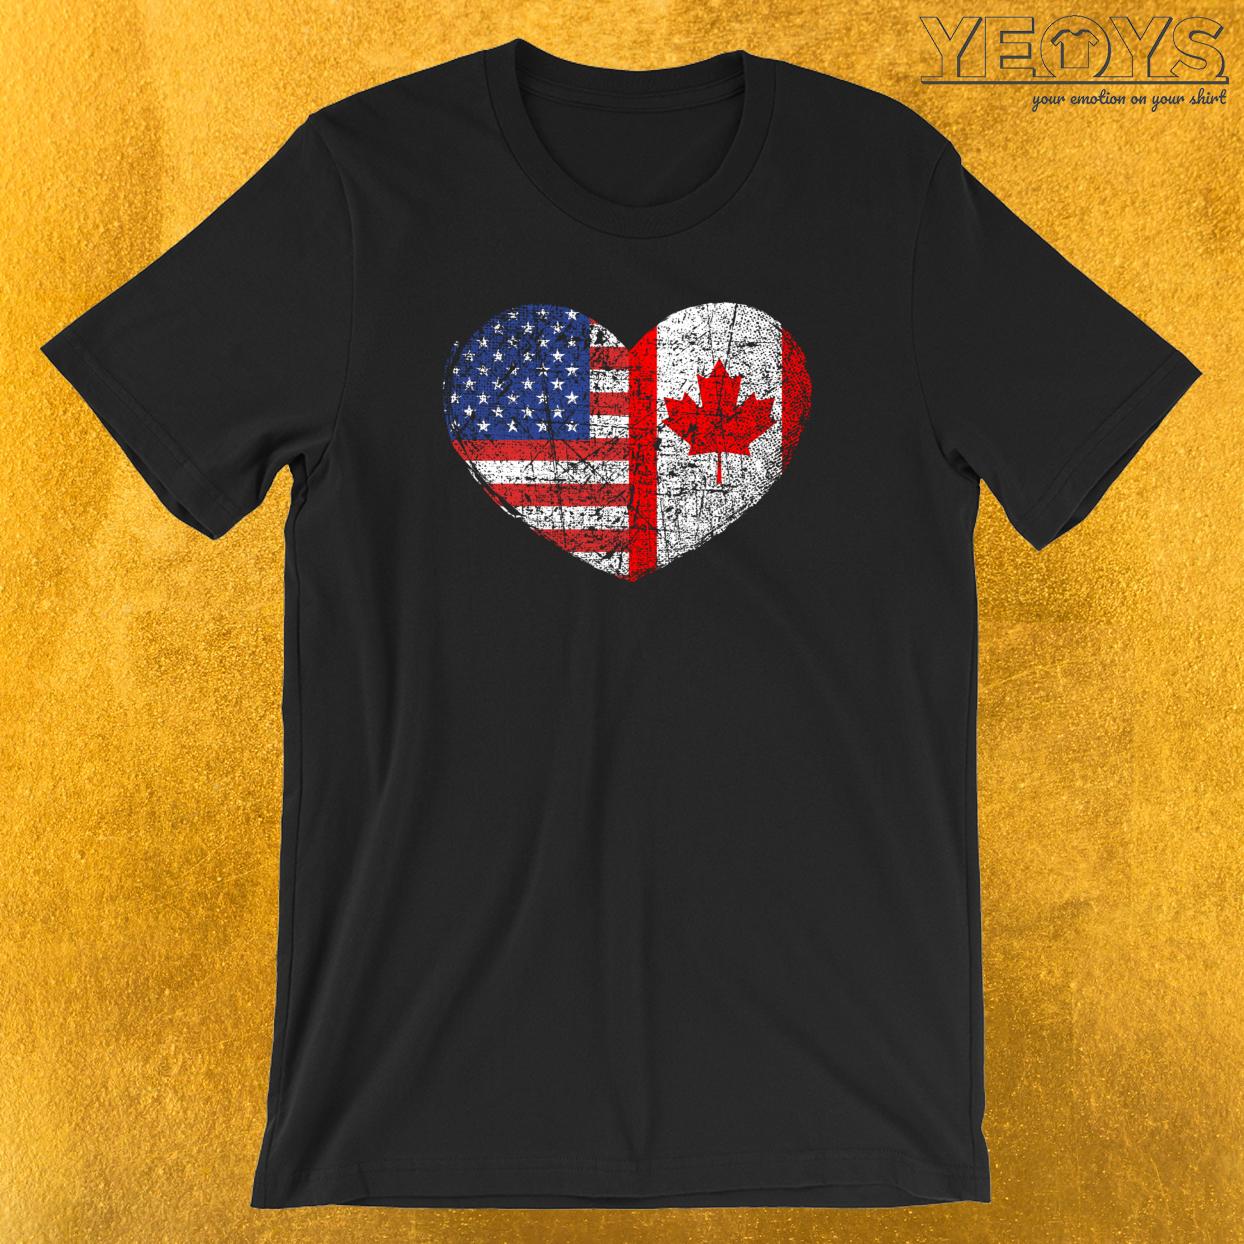 USA Canada Heart T-Shirt